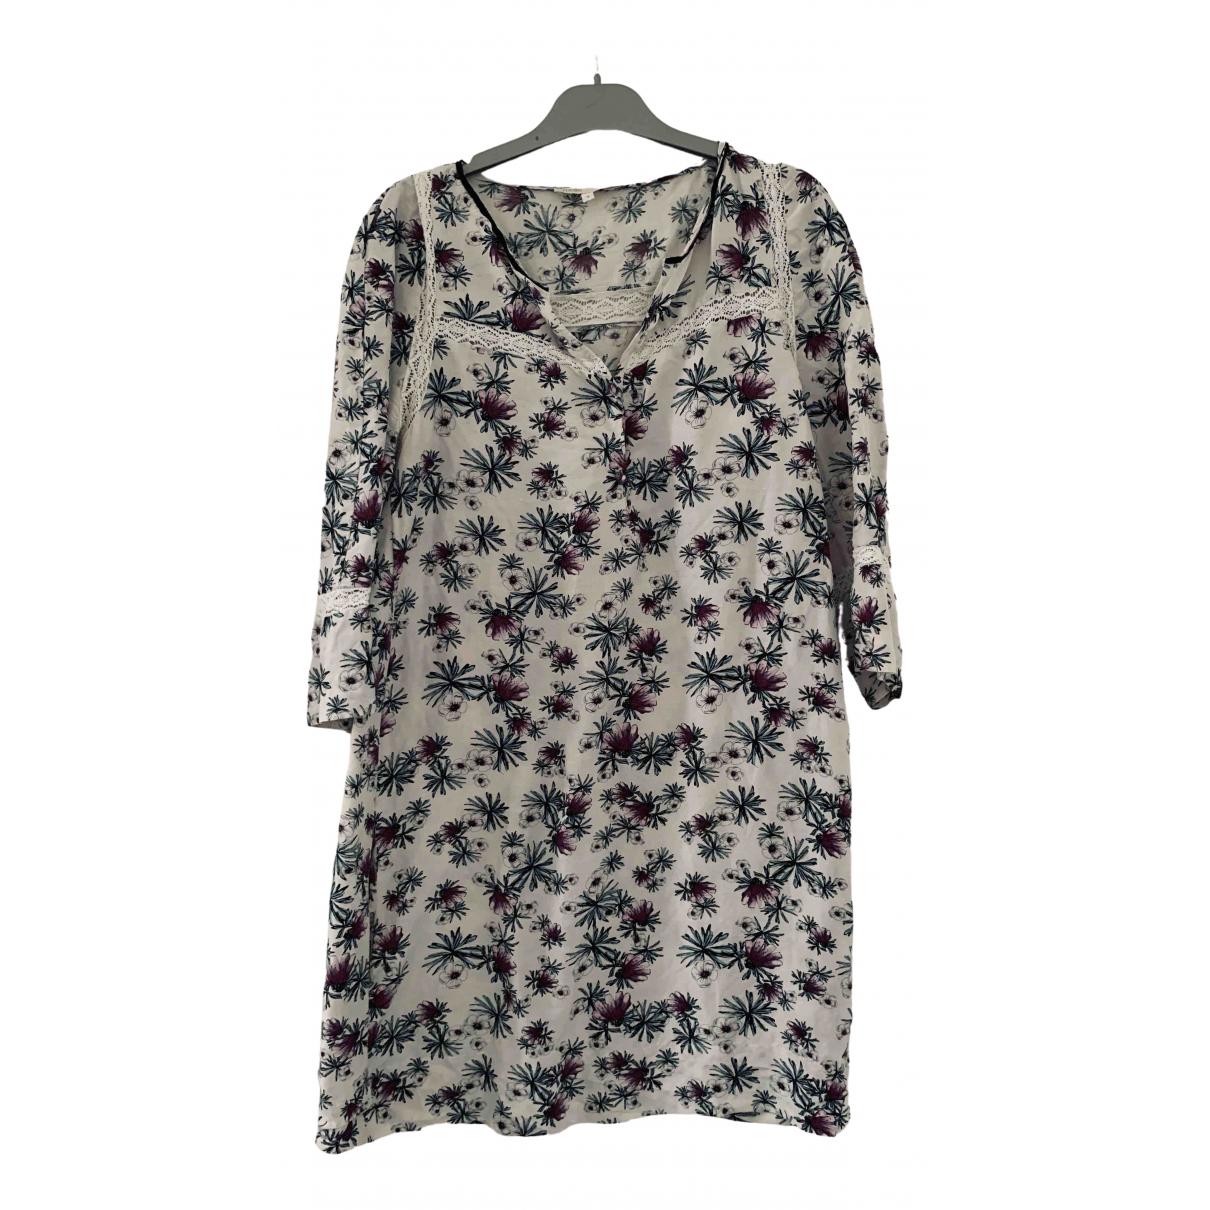 Maje Spring Summer 2019 White Cotton dress for Women 40 FR